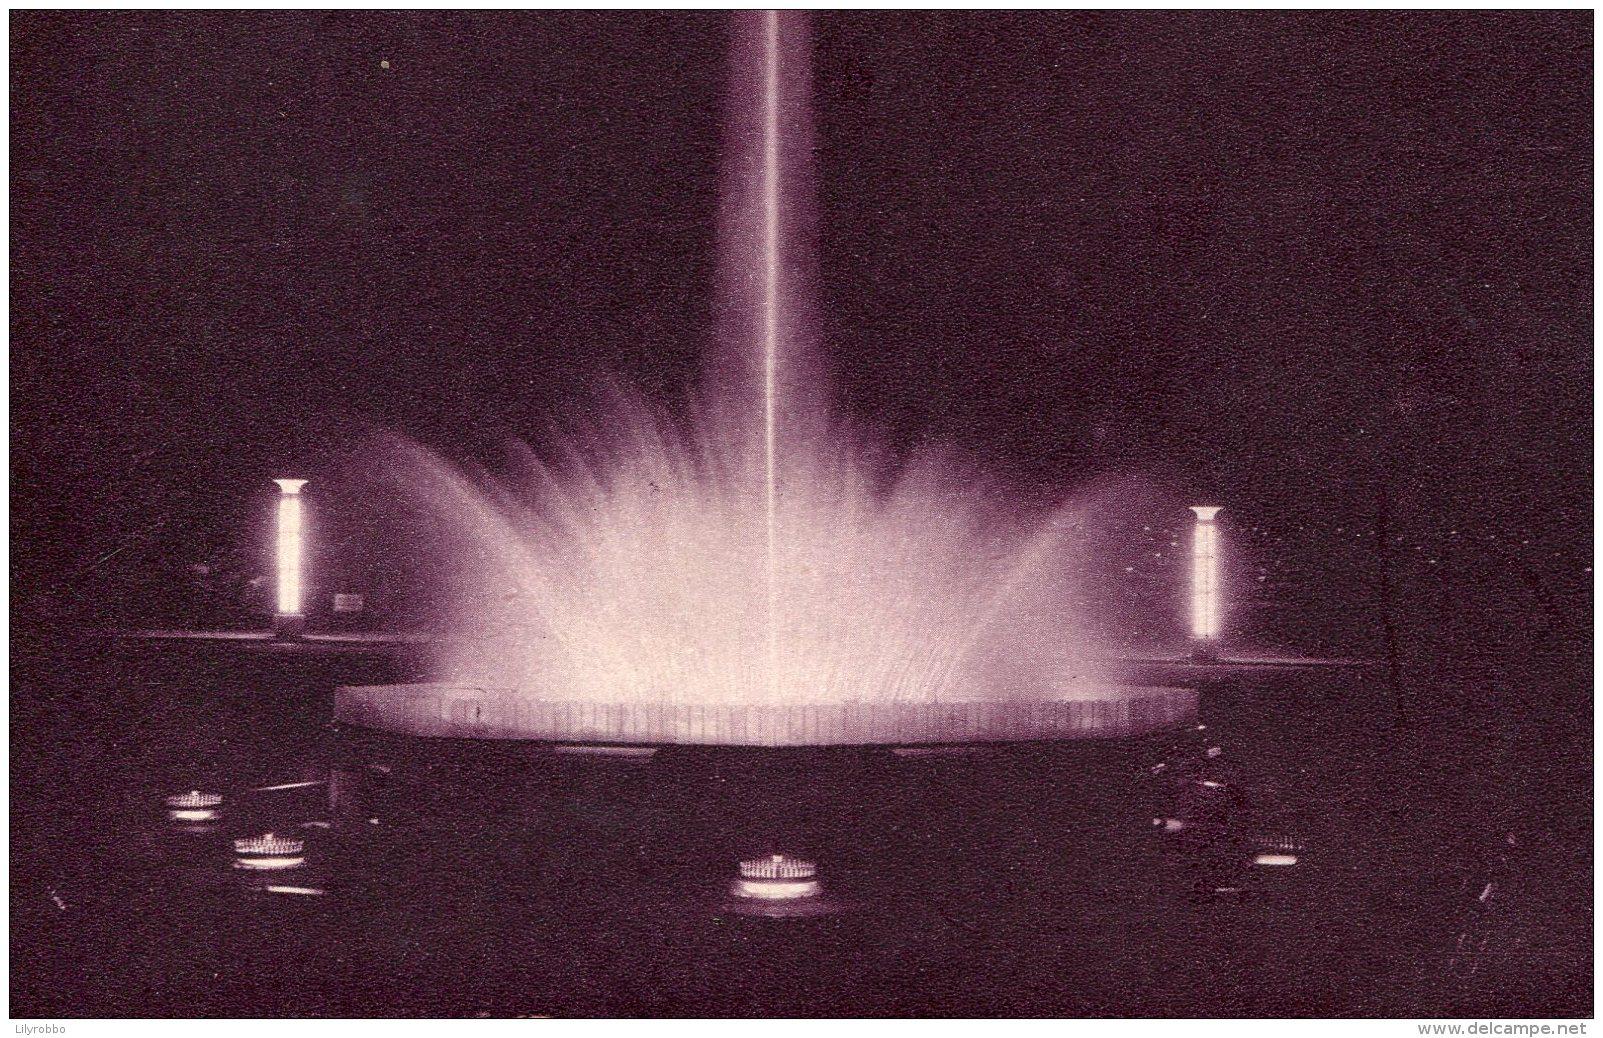 BELGIUM - Official Card De L'Exposition De Bruxelles 1935 - Jeux D'eau Et Fonyaines Lumineuses (3) - Tentoonstellingen